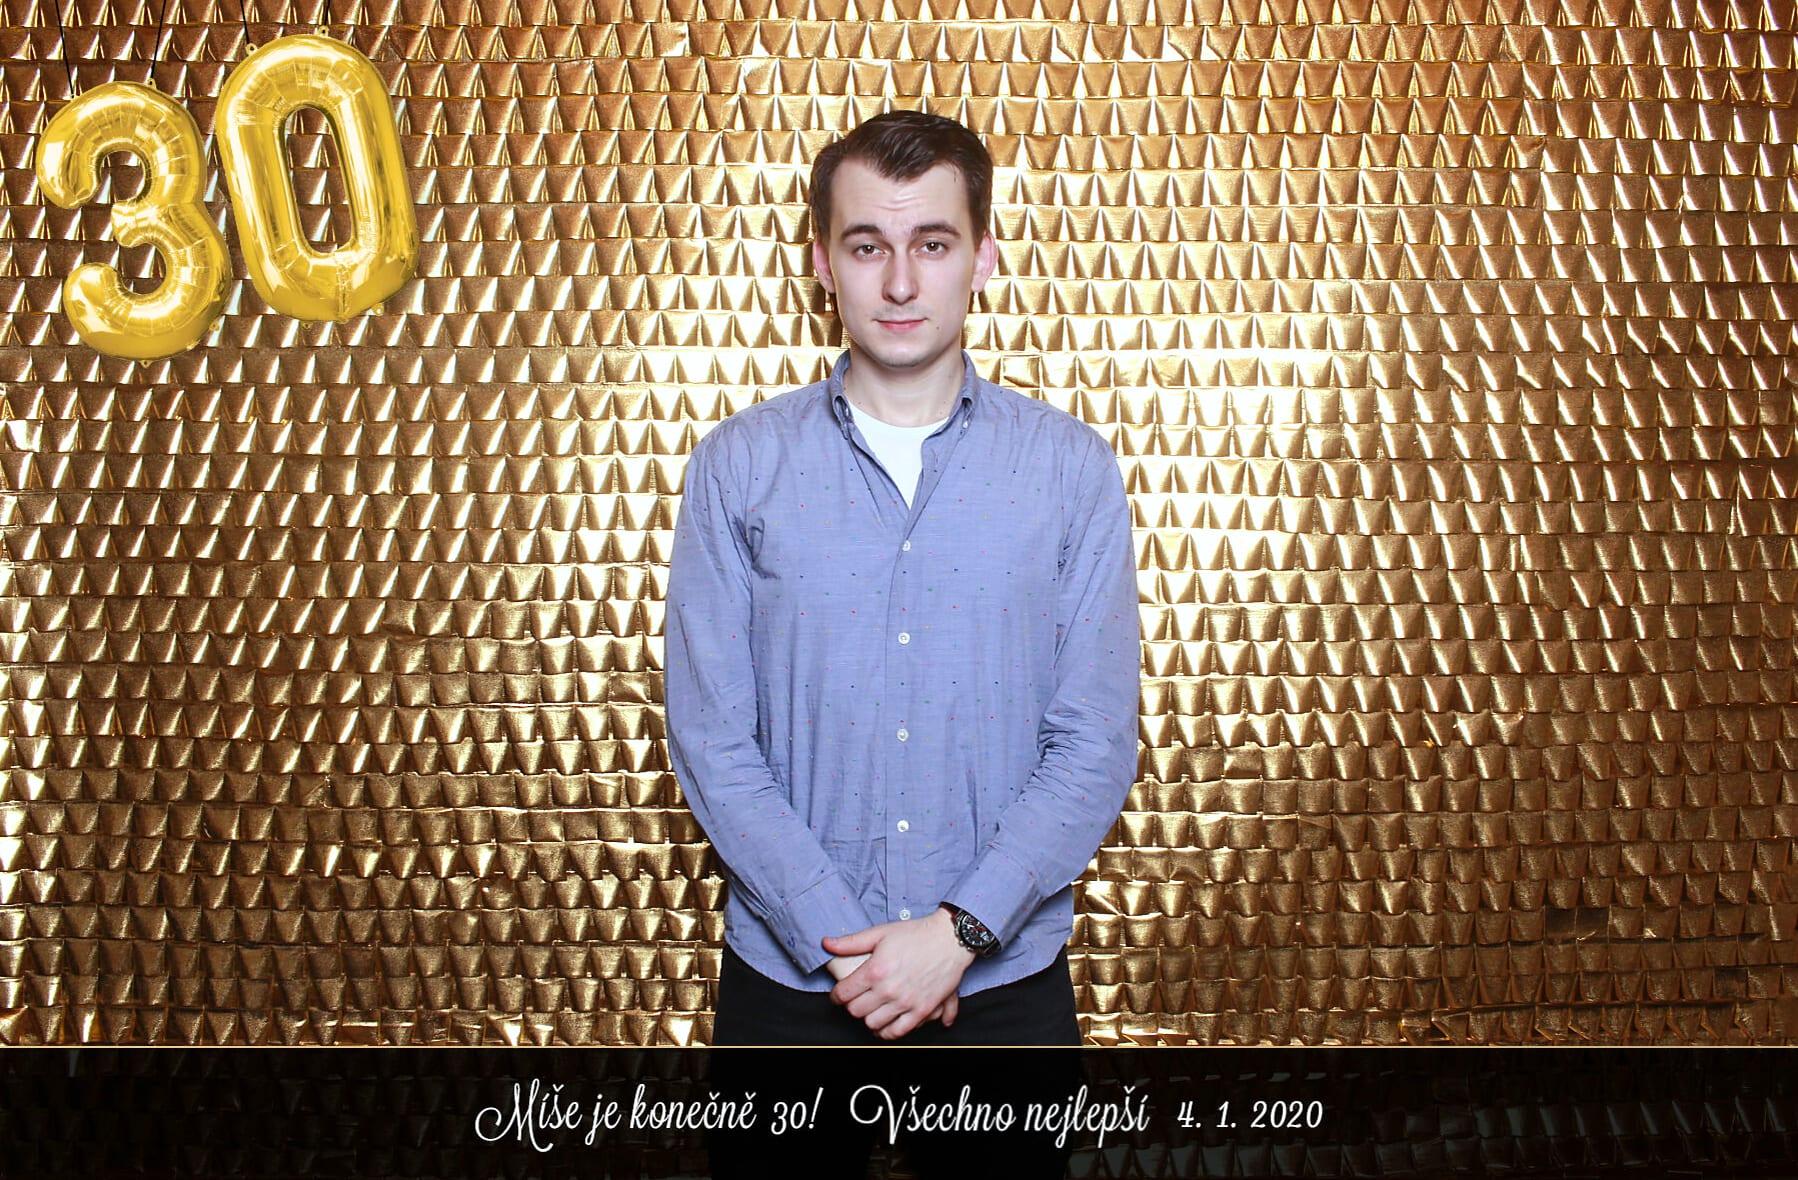 fotokoutek-ceske-budejovice-oslava-narozeniny-4-1-2020-707496